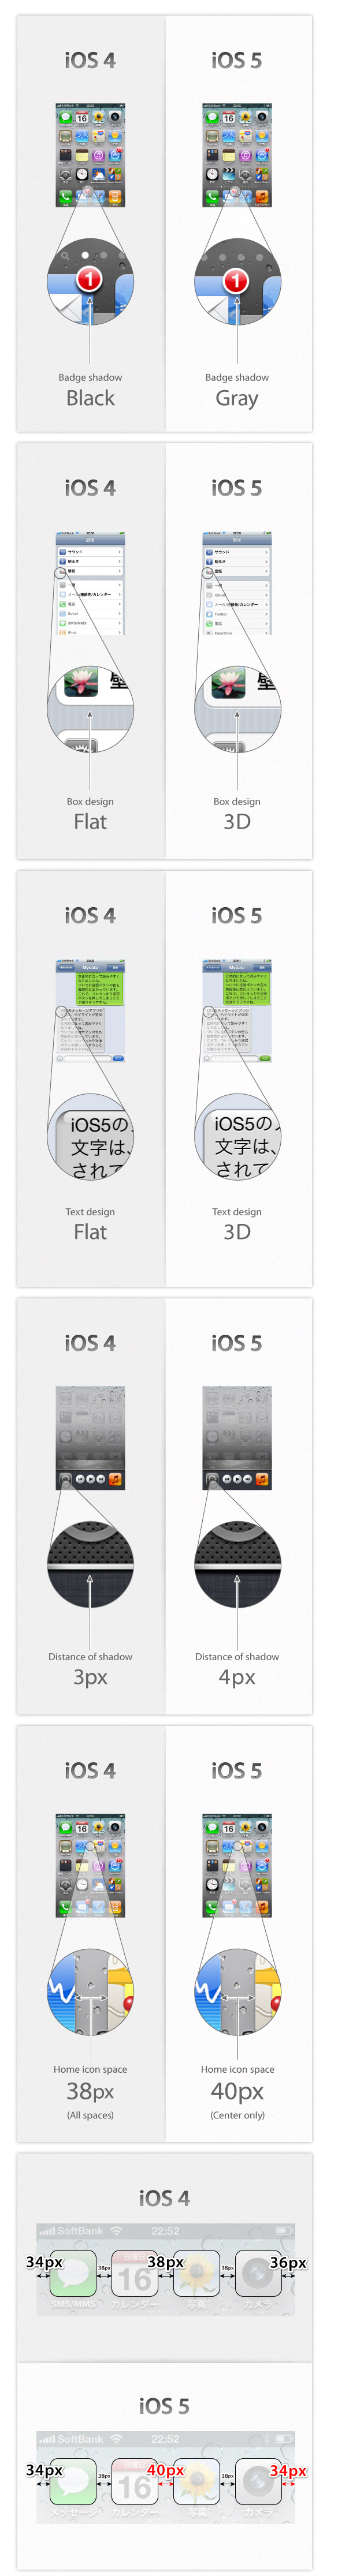 ios 4 51 Les différences entre iOS 4 et iOS5, ou lamour du travail bien fait !